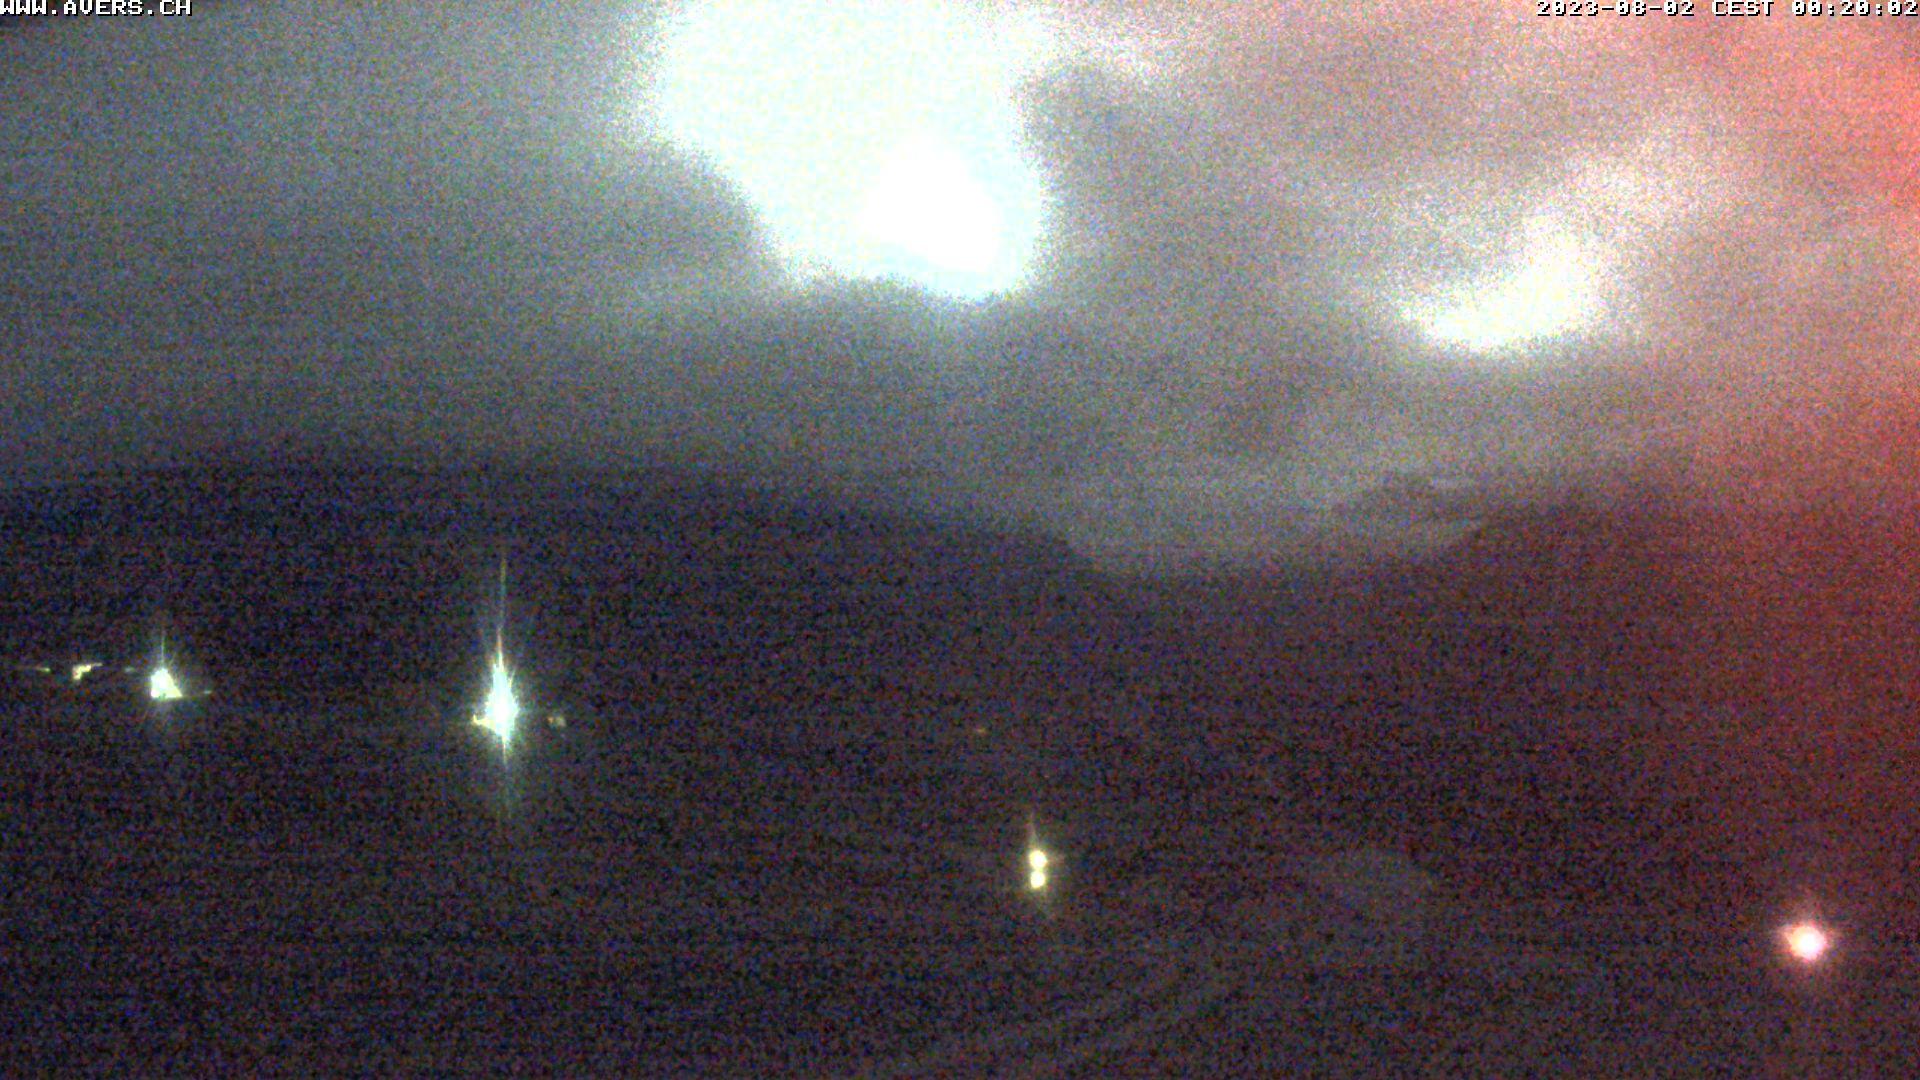 Grossansicht 00h - Avers Skilift Cavetta mit Sicht in die Bregalga.